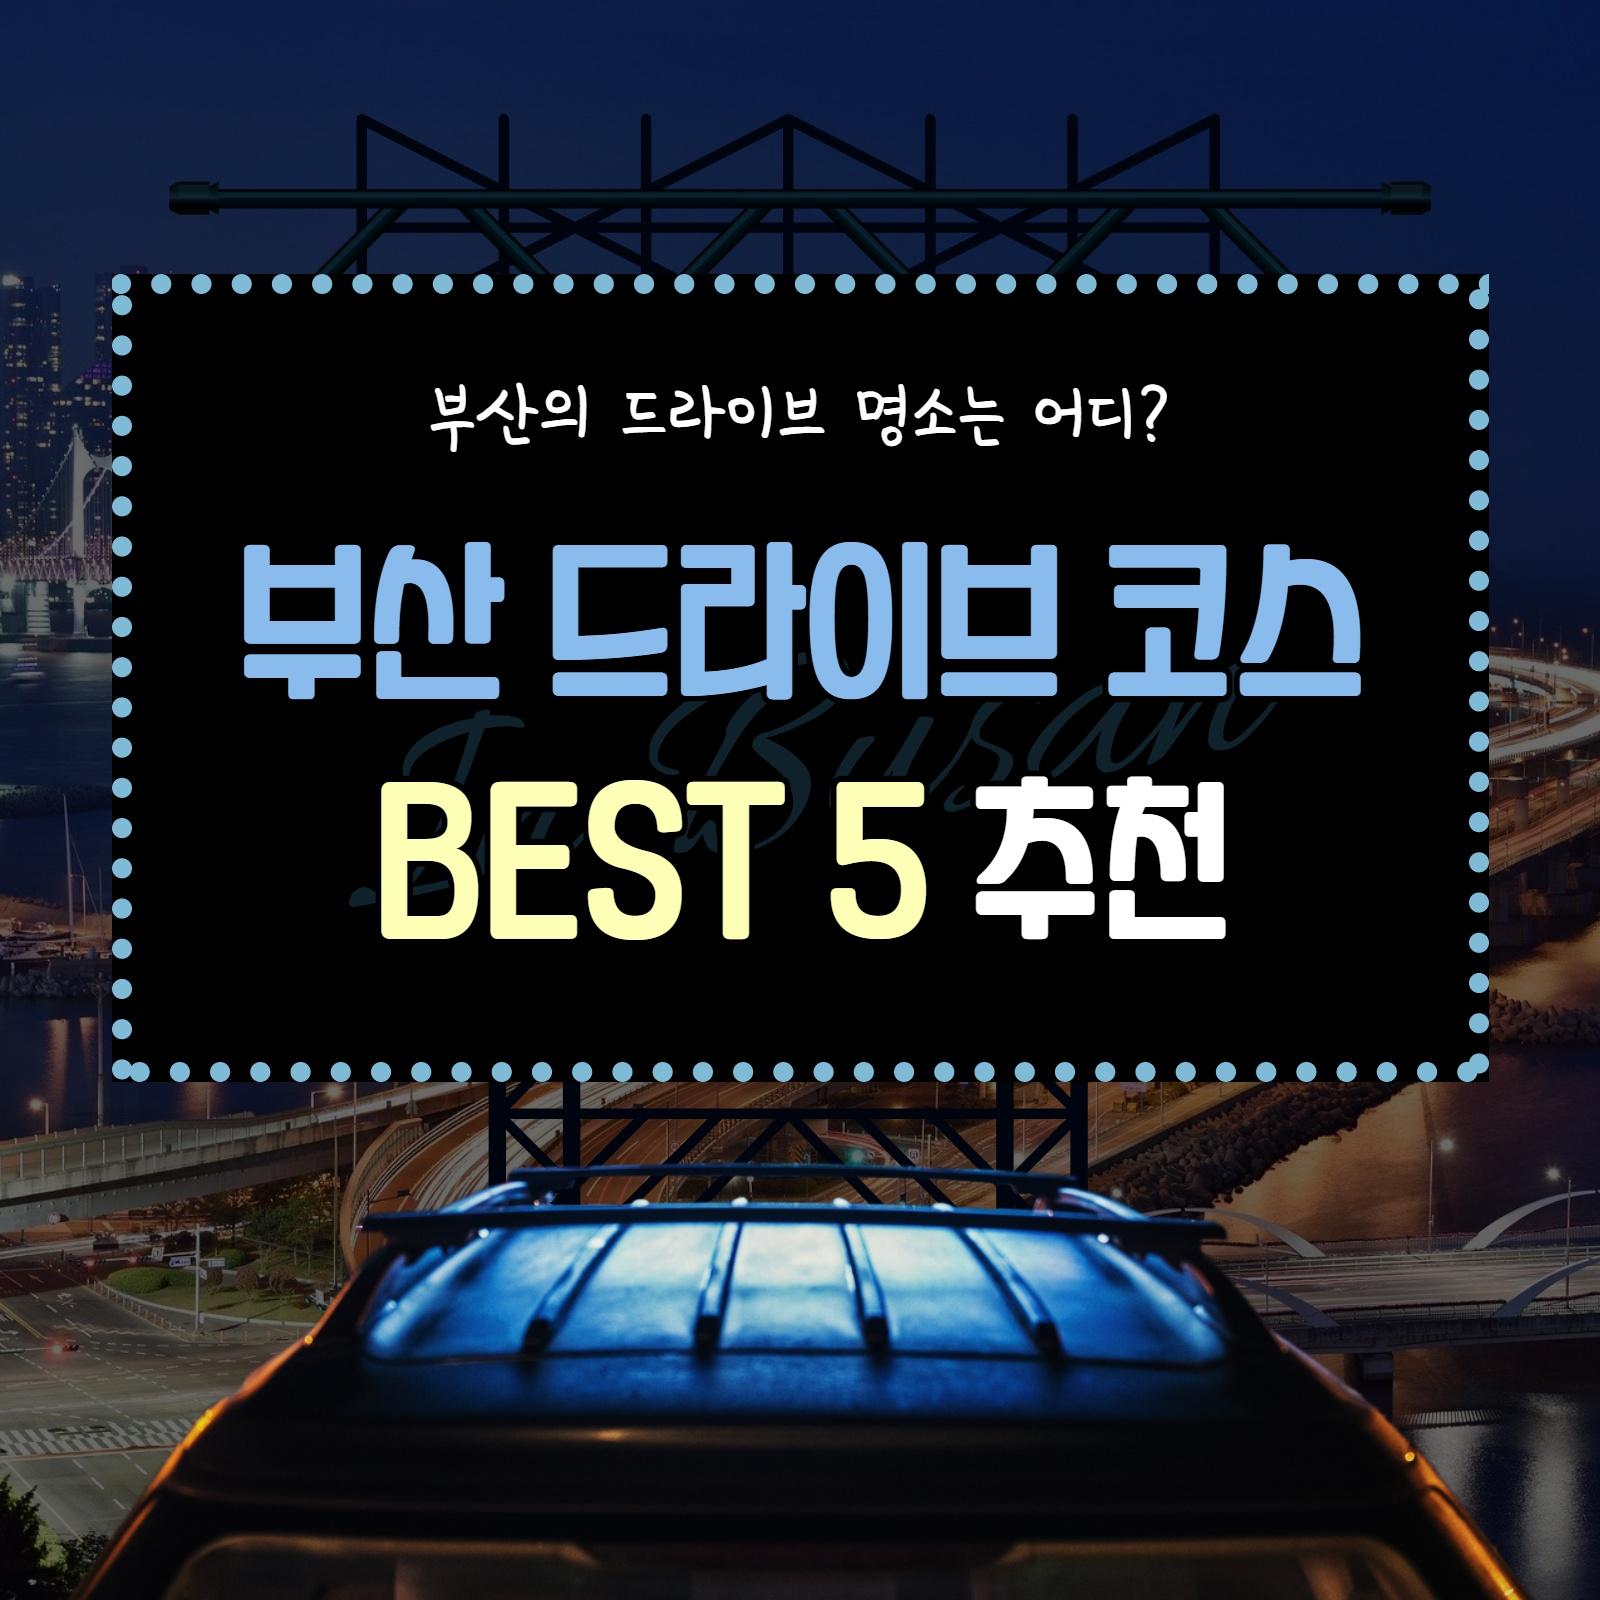 부산 근교 드라이브 코스 BEST 5 추천 (+ 야간 명소)